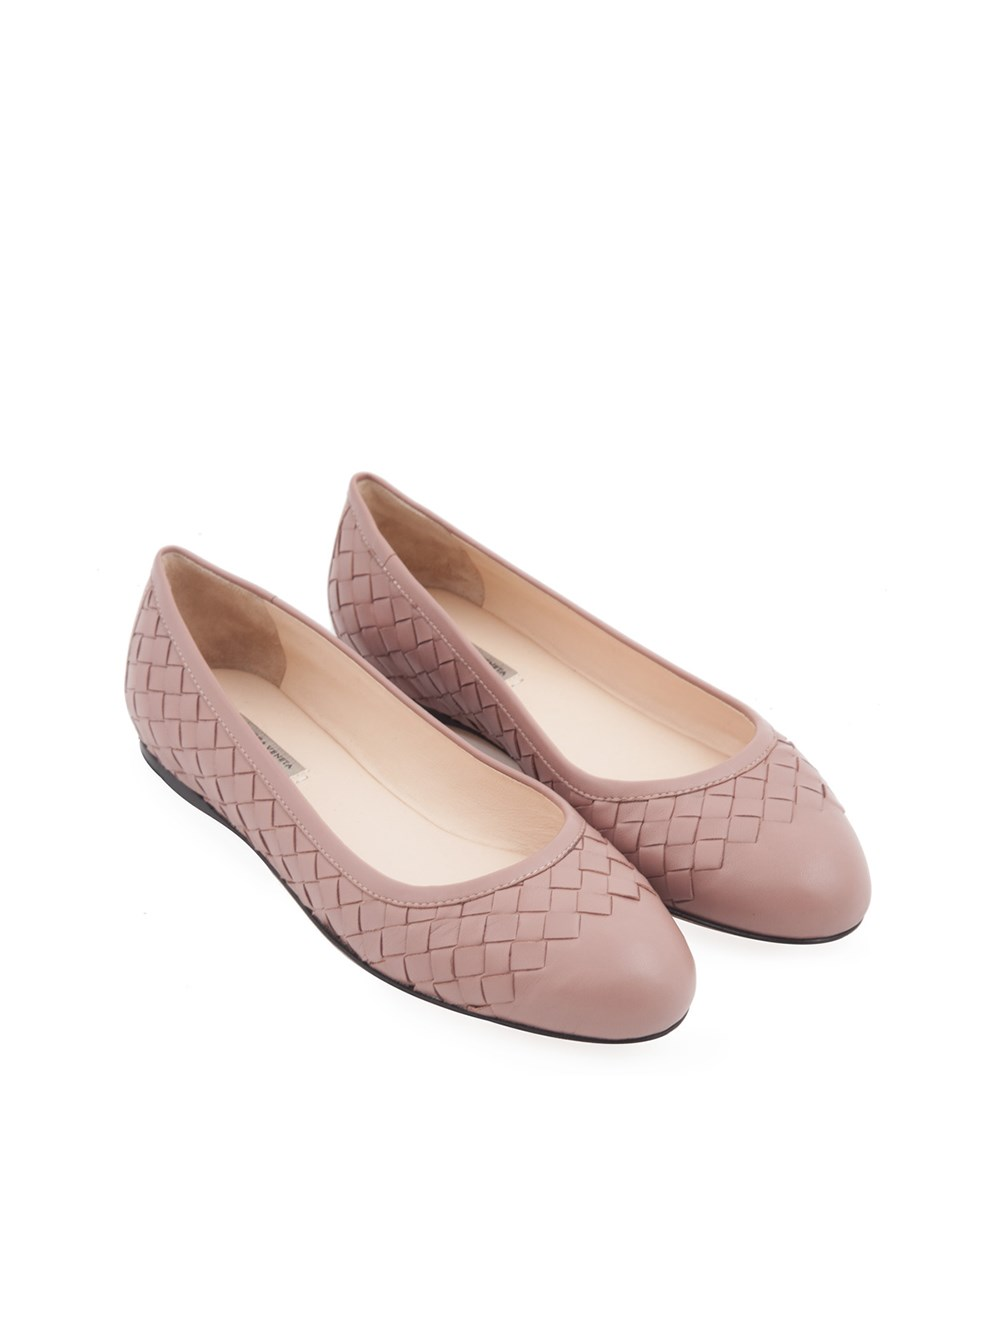 prezzo più basso con negozio del Regno Unito scarpe da corsa BALLERINA INTRECCIATA BOTTEGA VENETA